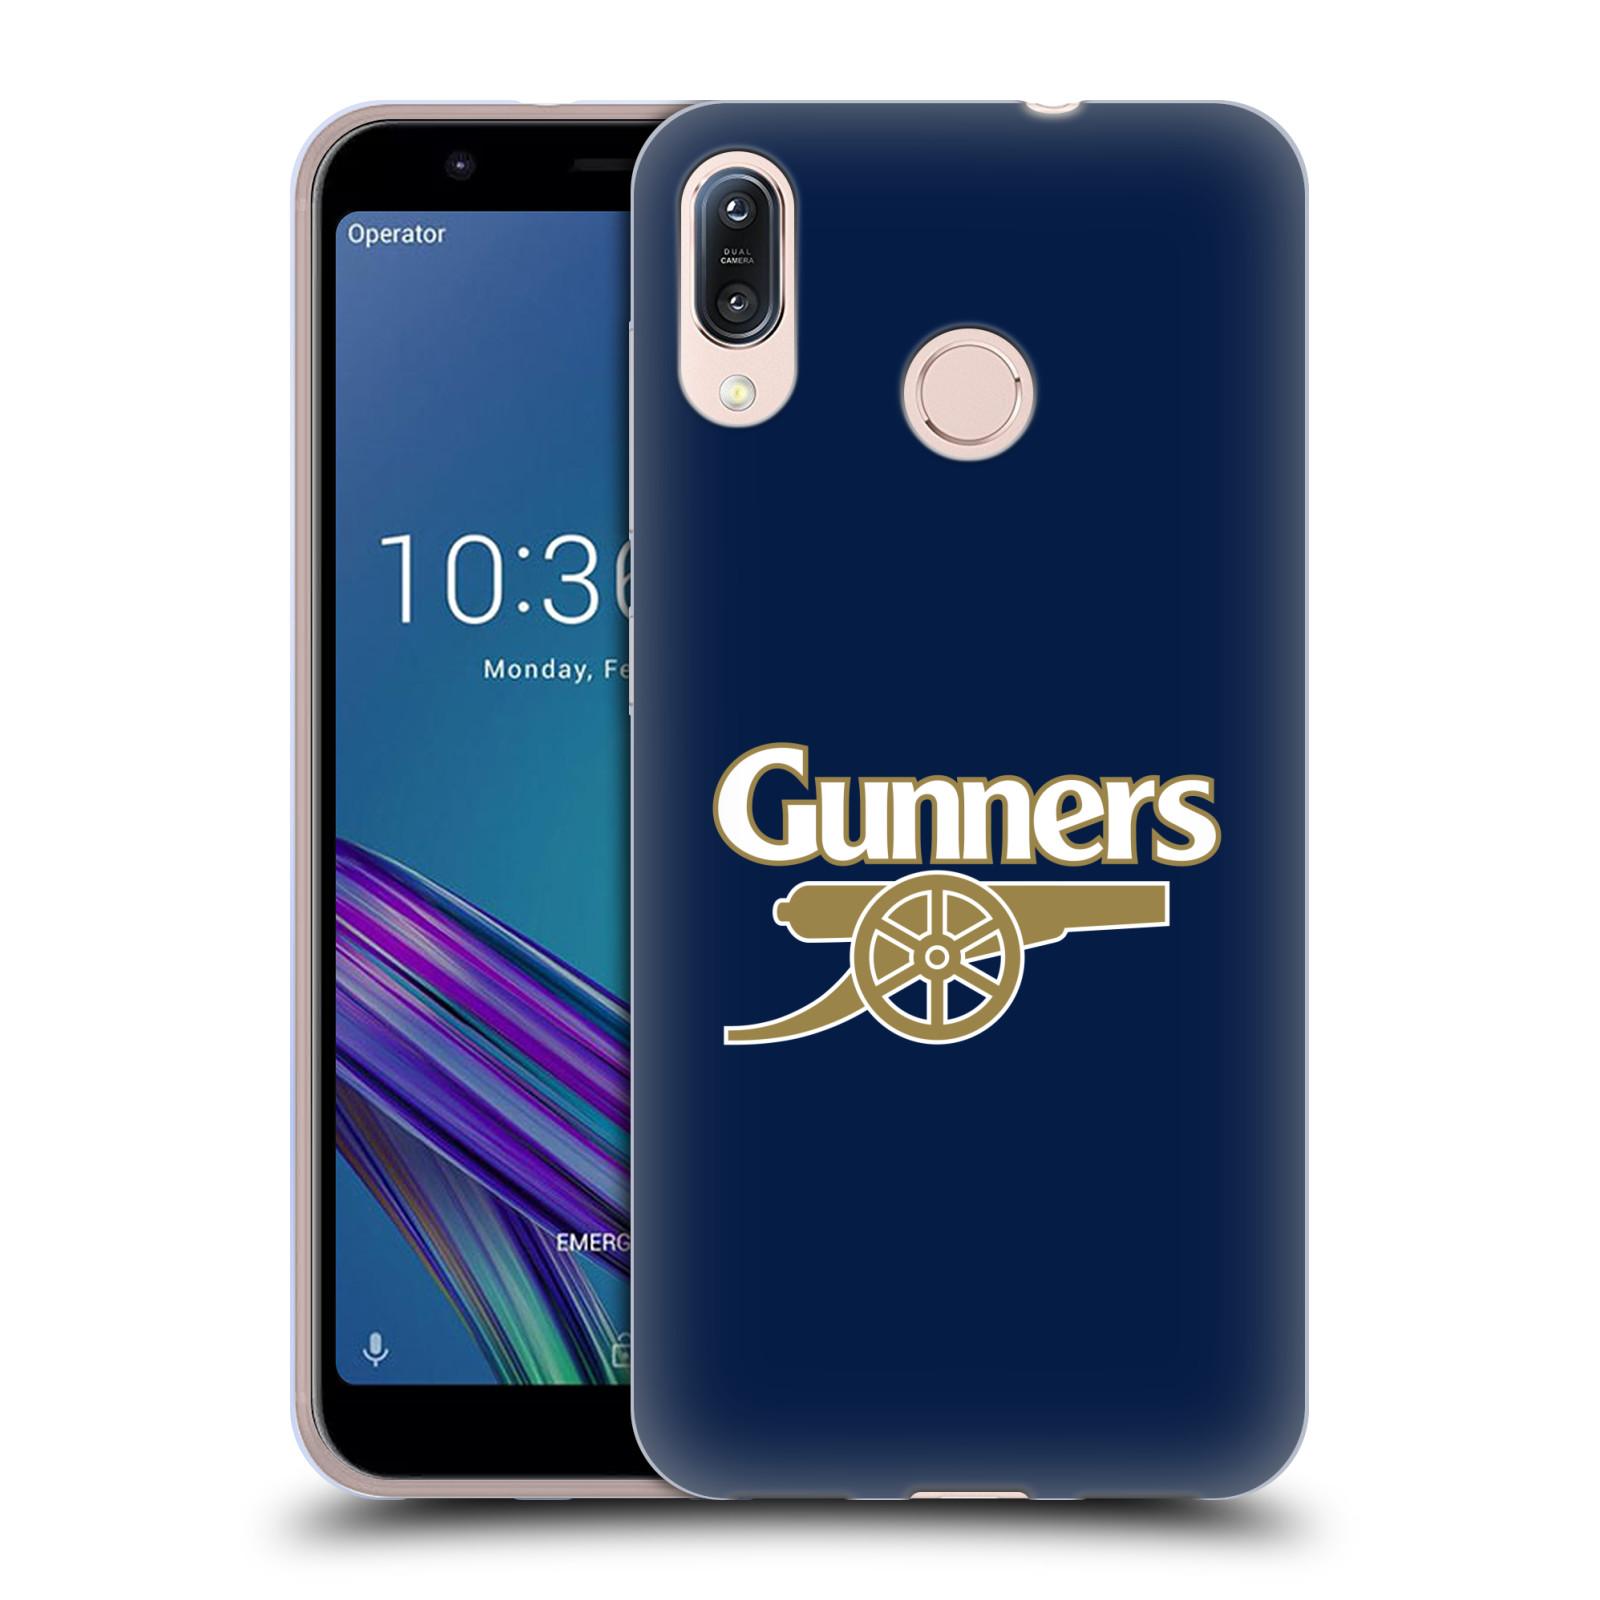 Silikonové pouzdro na mobil Asus Zenfone Max M1 ZB555KL - Head Case - Arsenal FC - Gunners